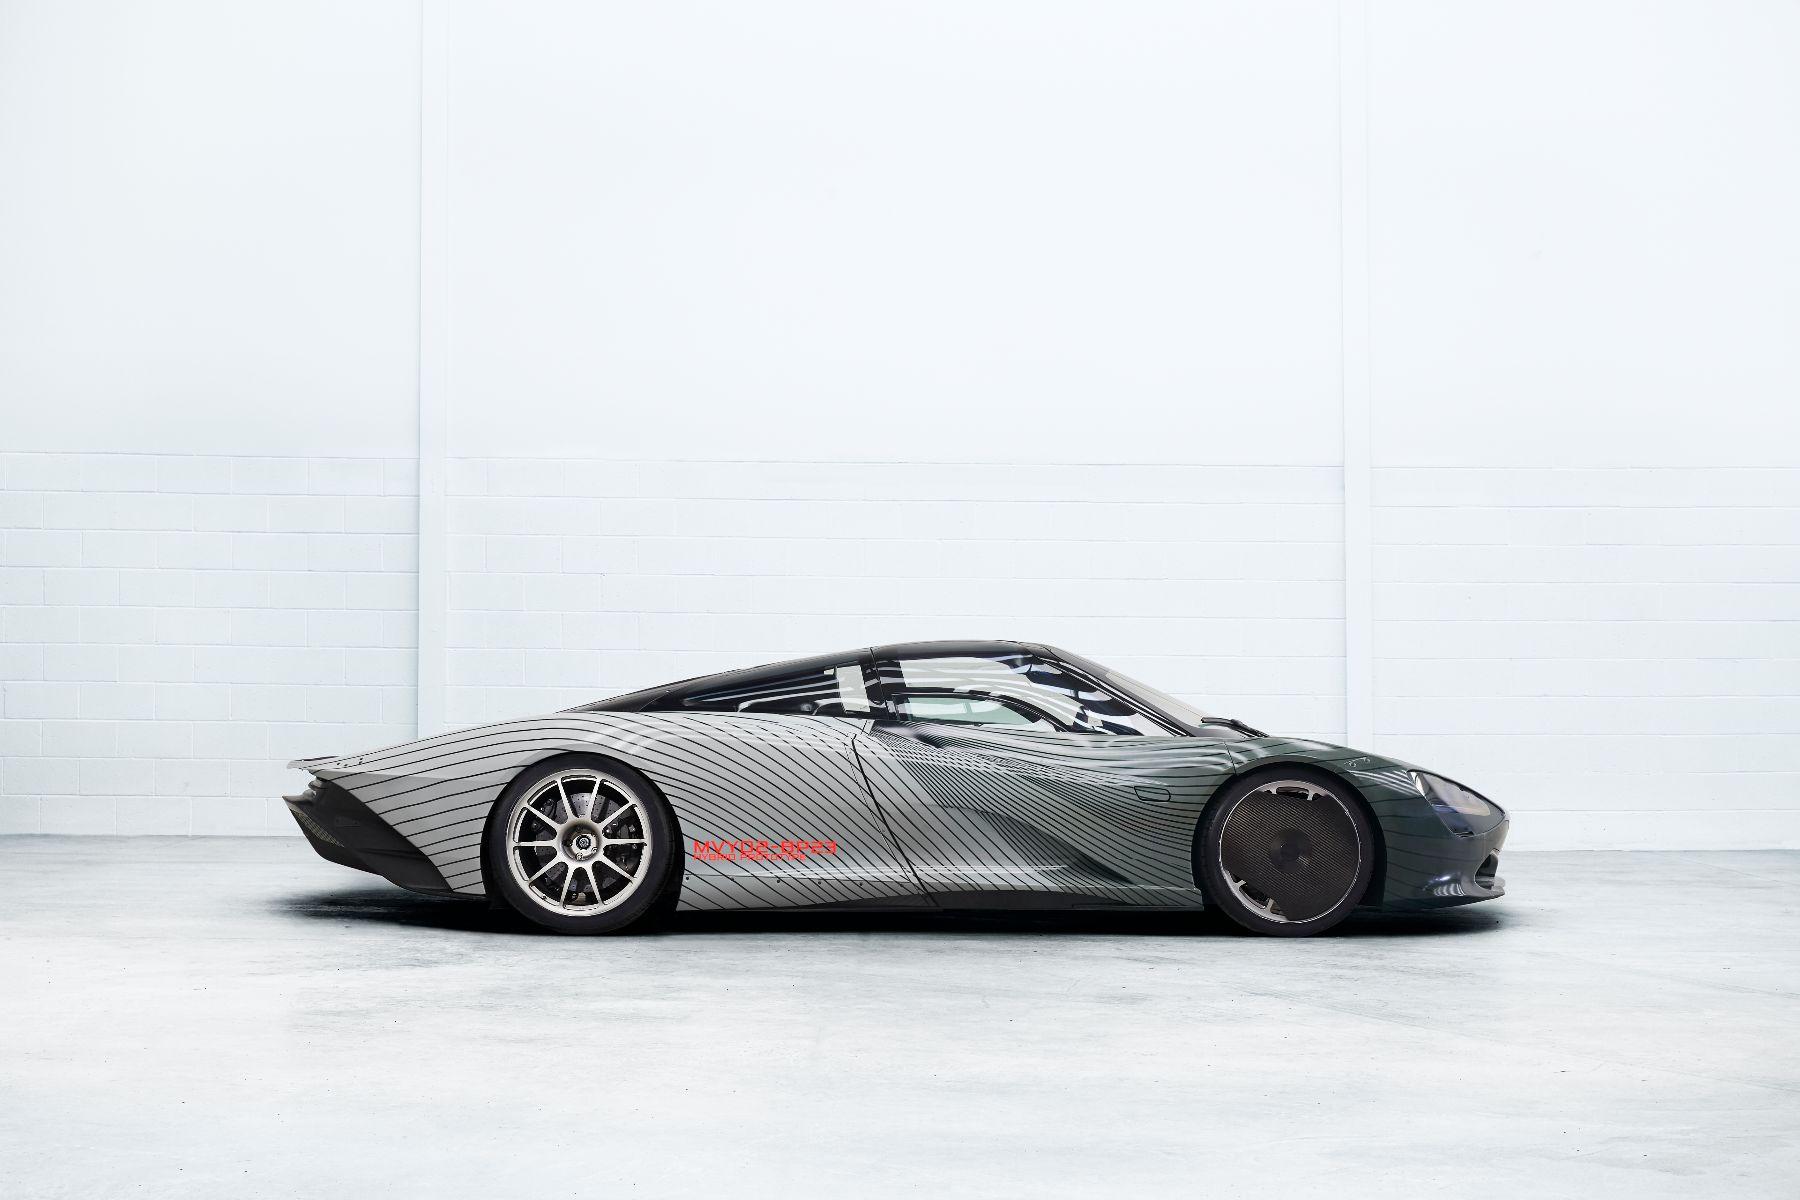 McLaren Speedtail Attribute Prototype - Albert_image 01